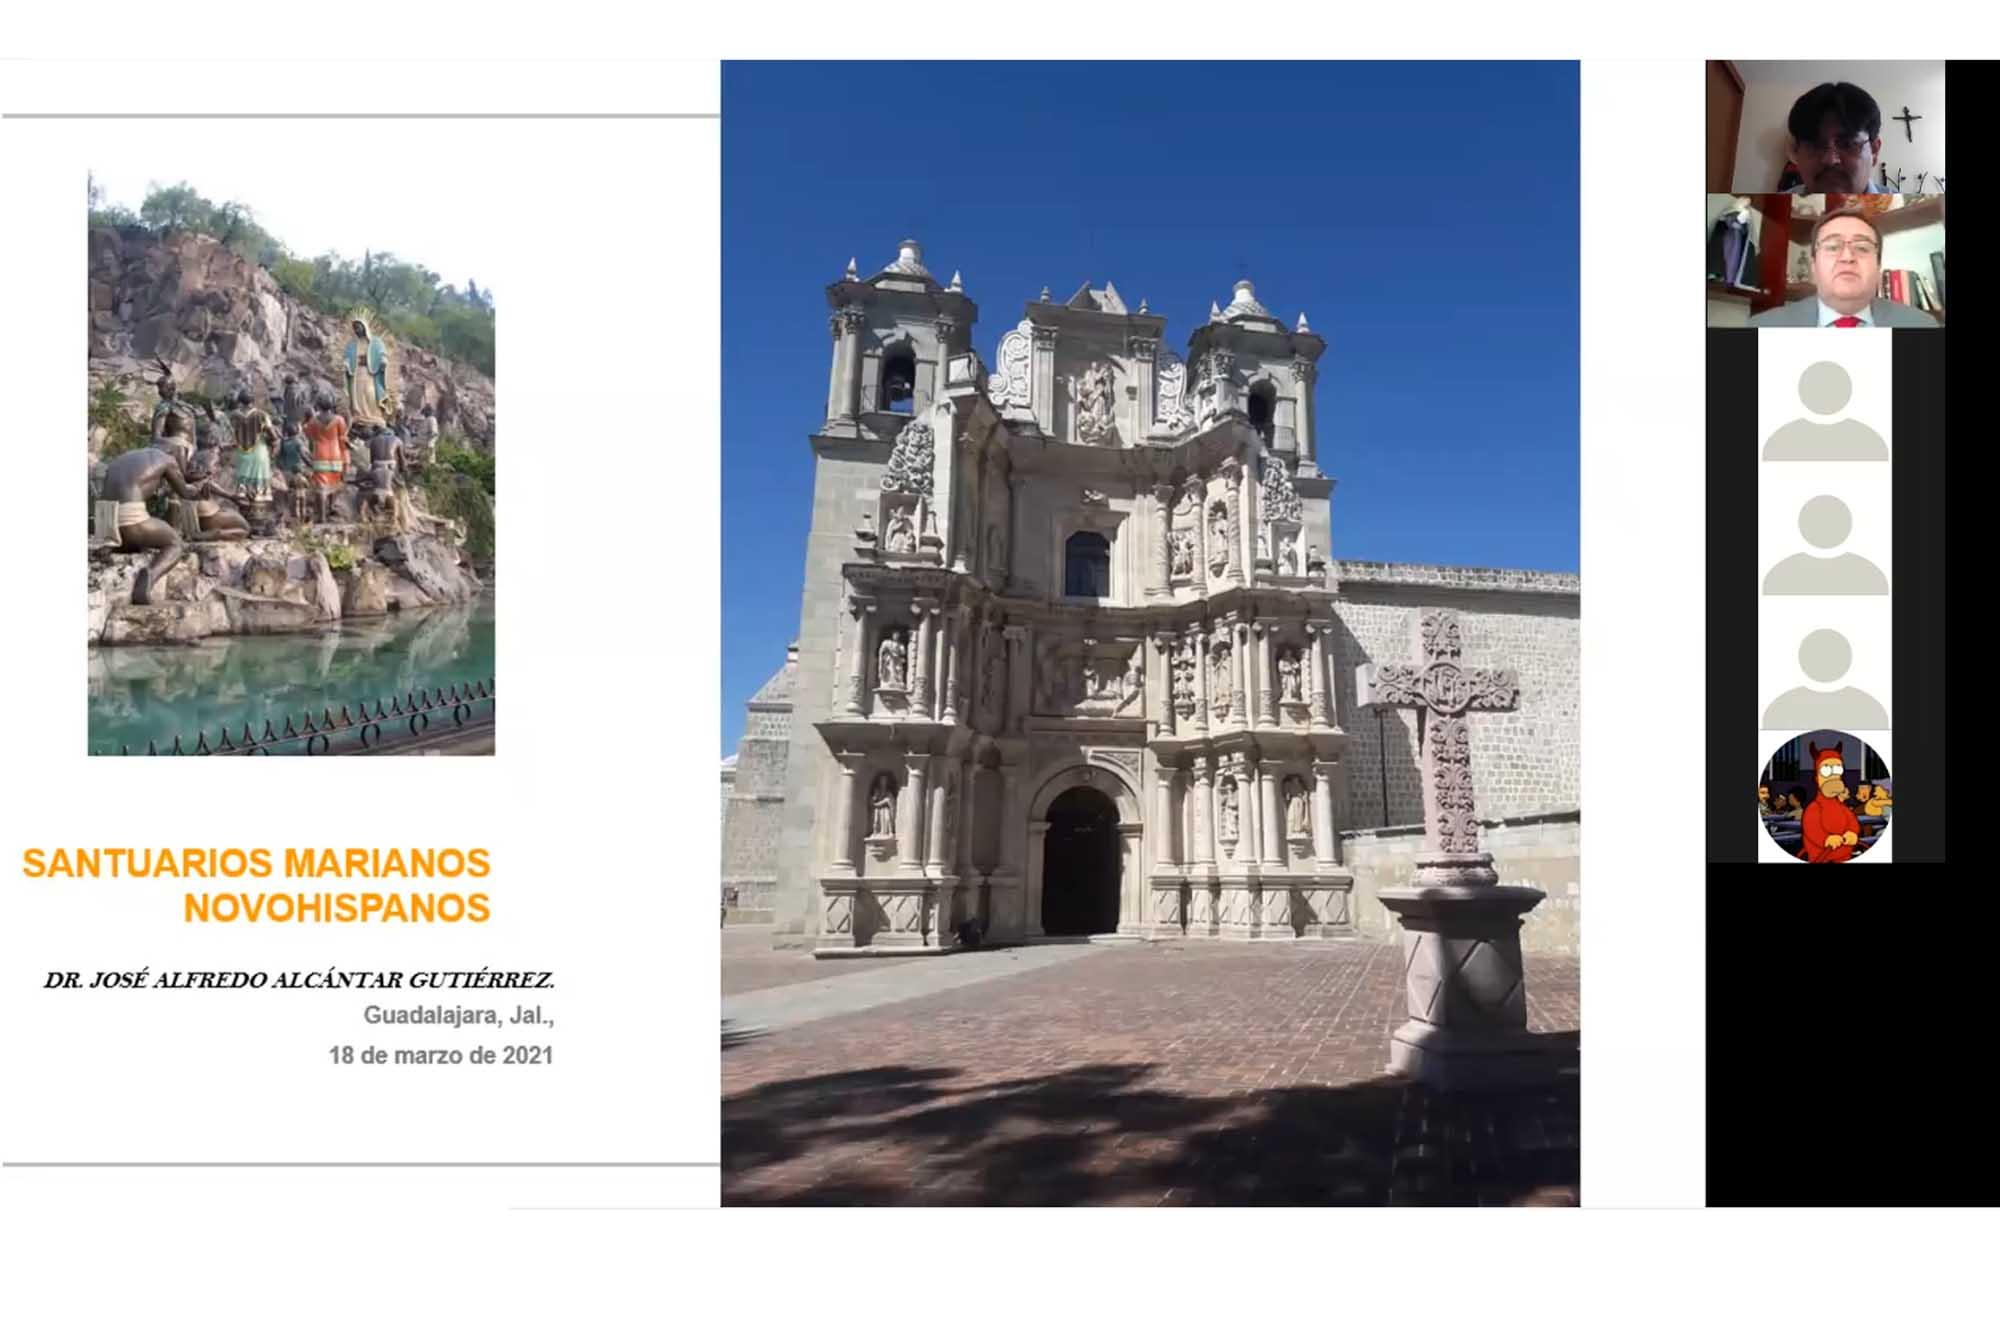 Arquitectura barroca y conventos 230321